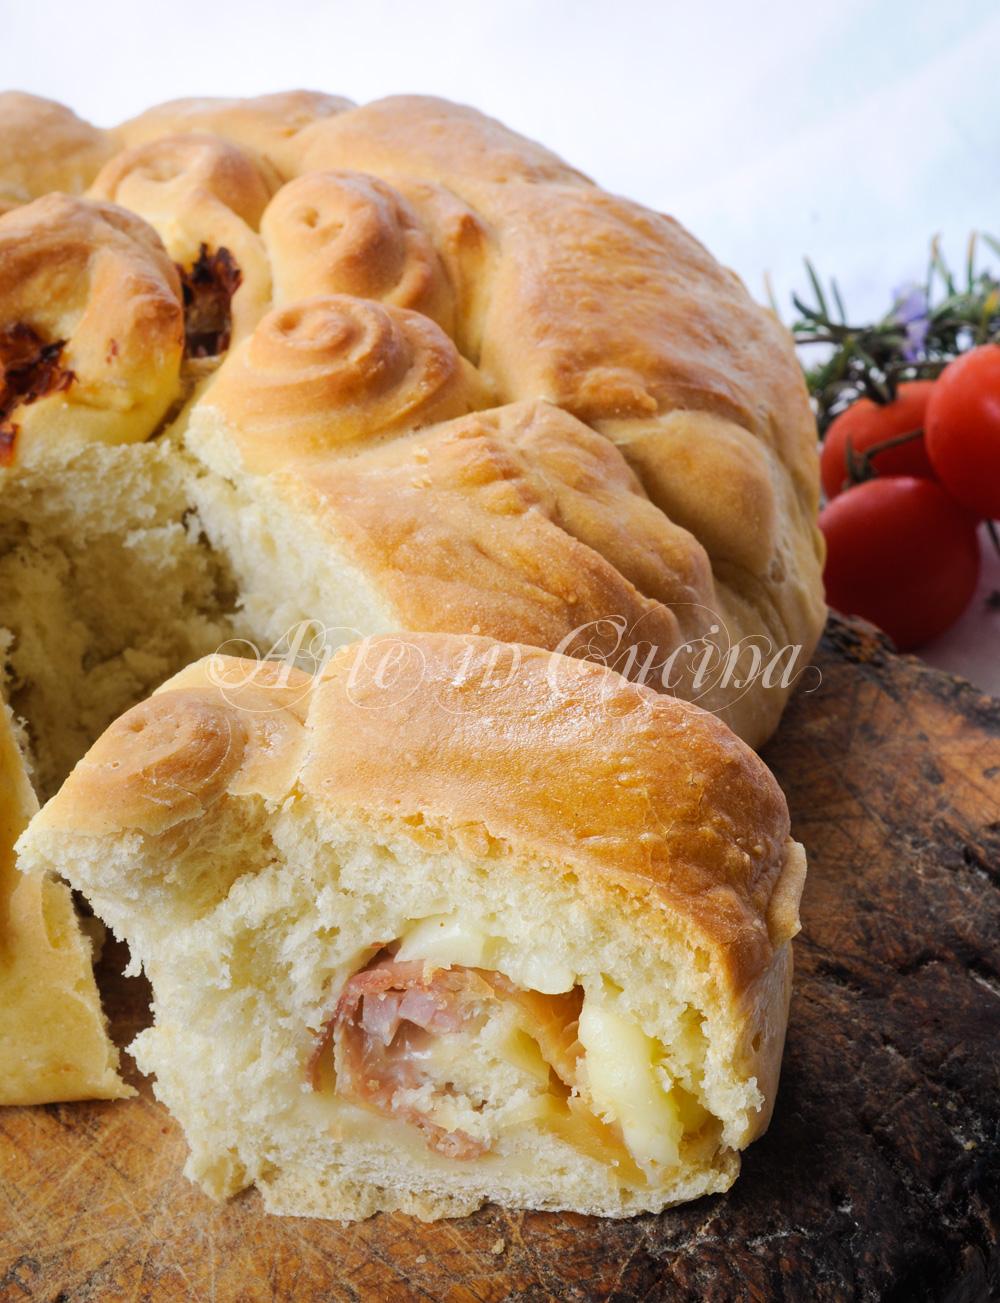 Ciambella fiore di pan brioche soffice al prosciutto vickyart arte in cucina